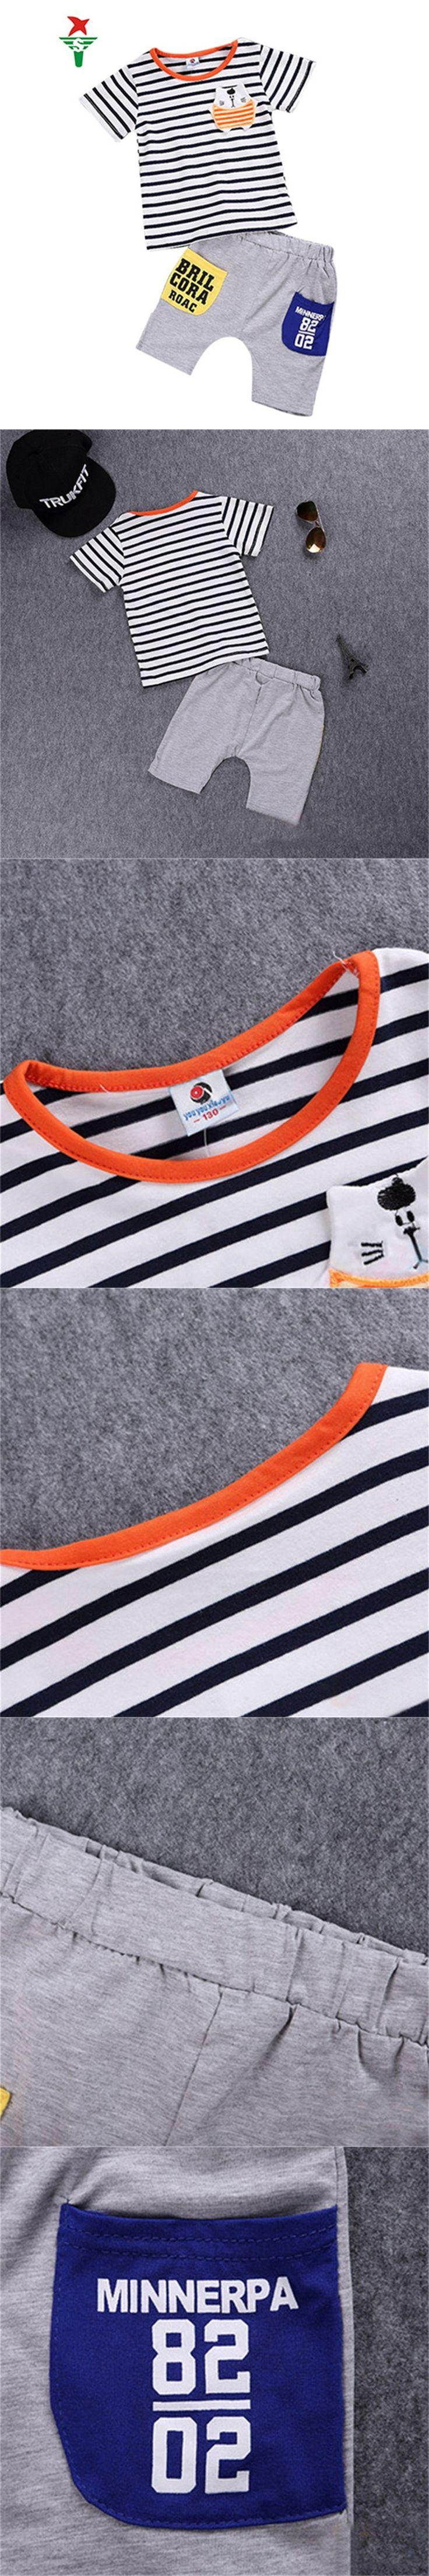 Bobo Choses Summer kids Boys T shirt shorts Set Navy strip kids clothes children tracksuit Boy sport Suit Outfit vetement garcon